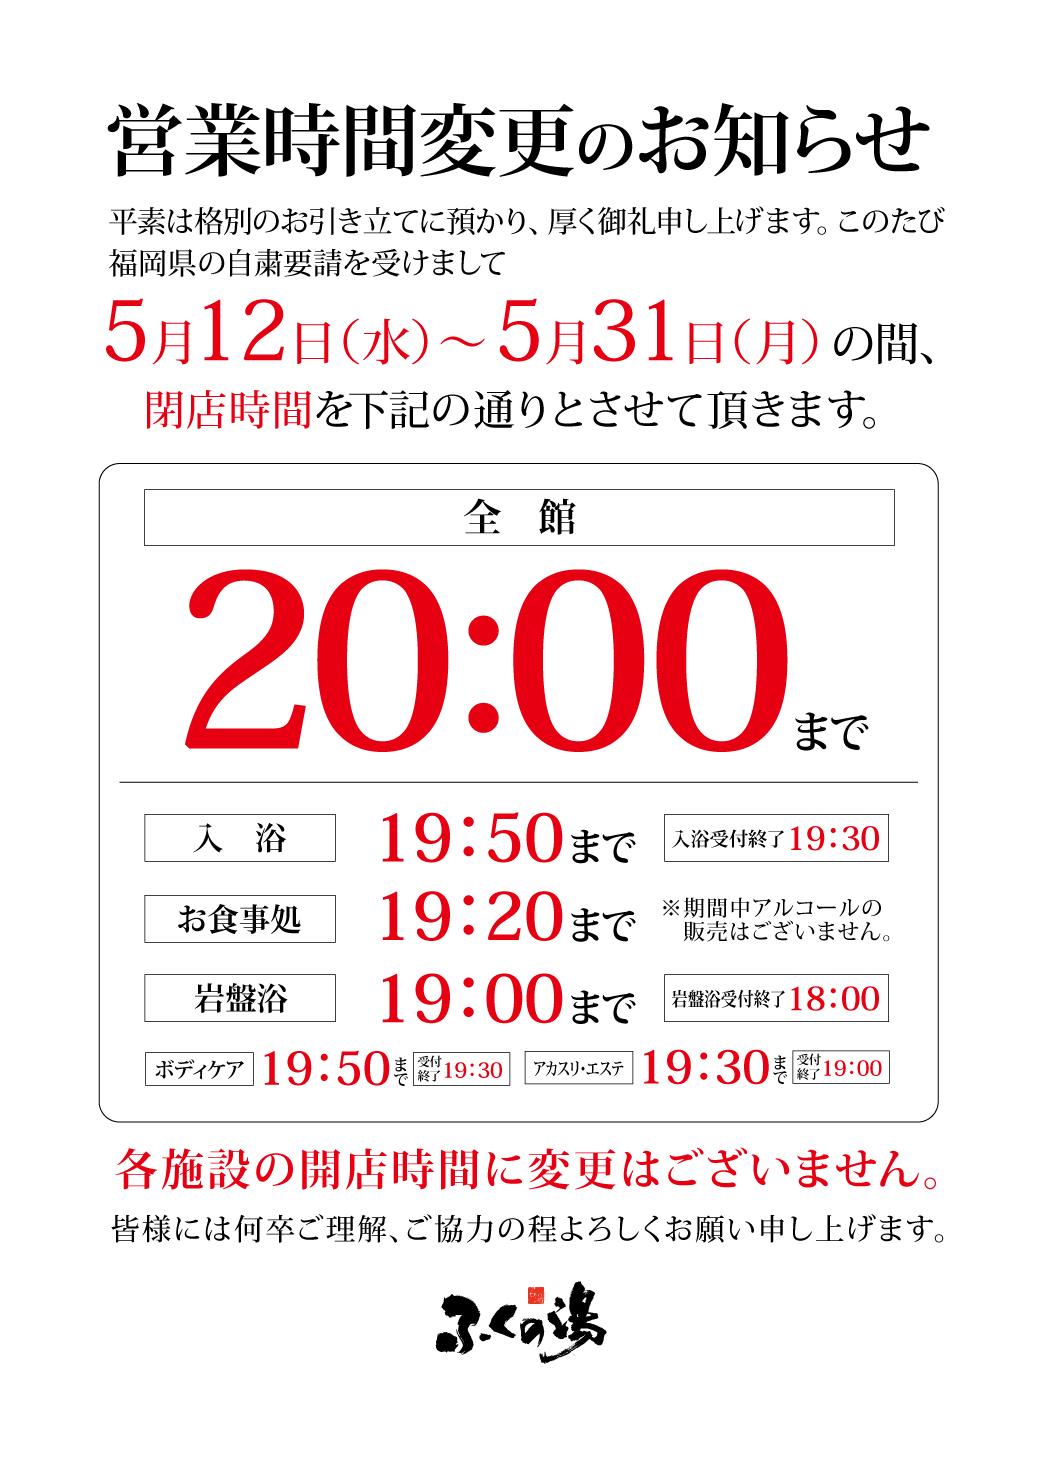 5/12(水)~全館営業時間変更のお知らせ